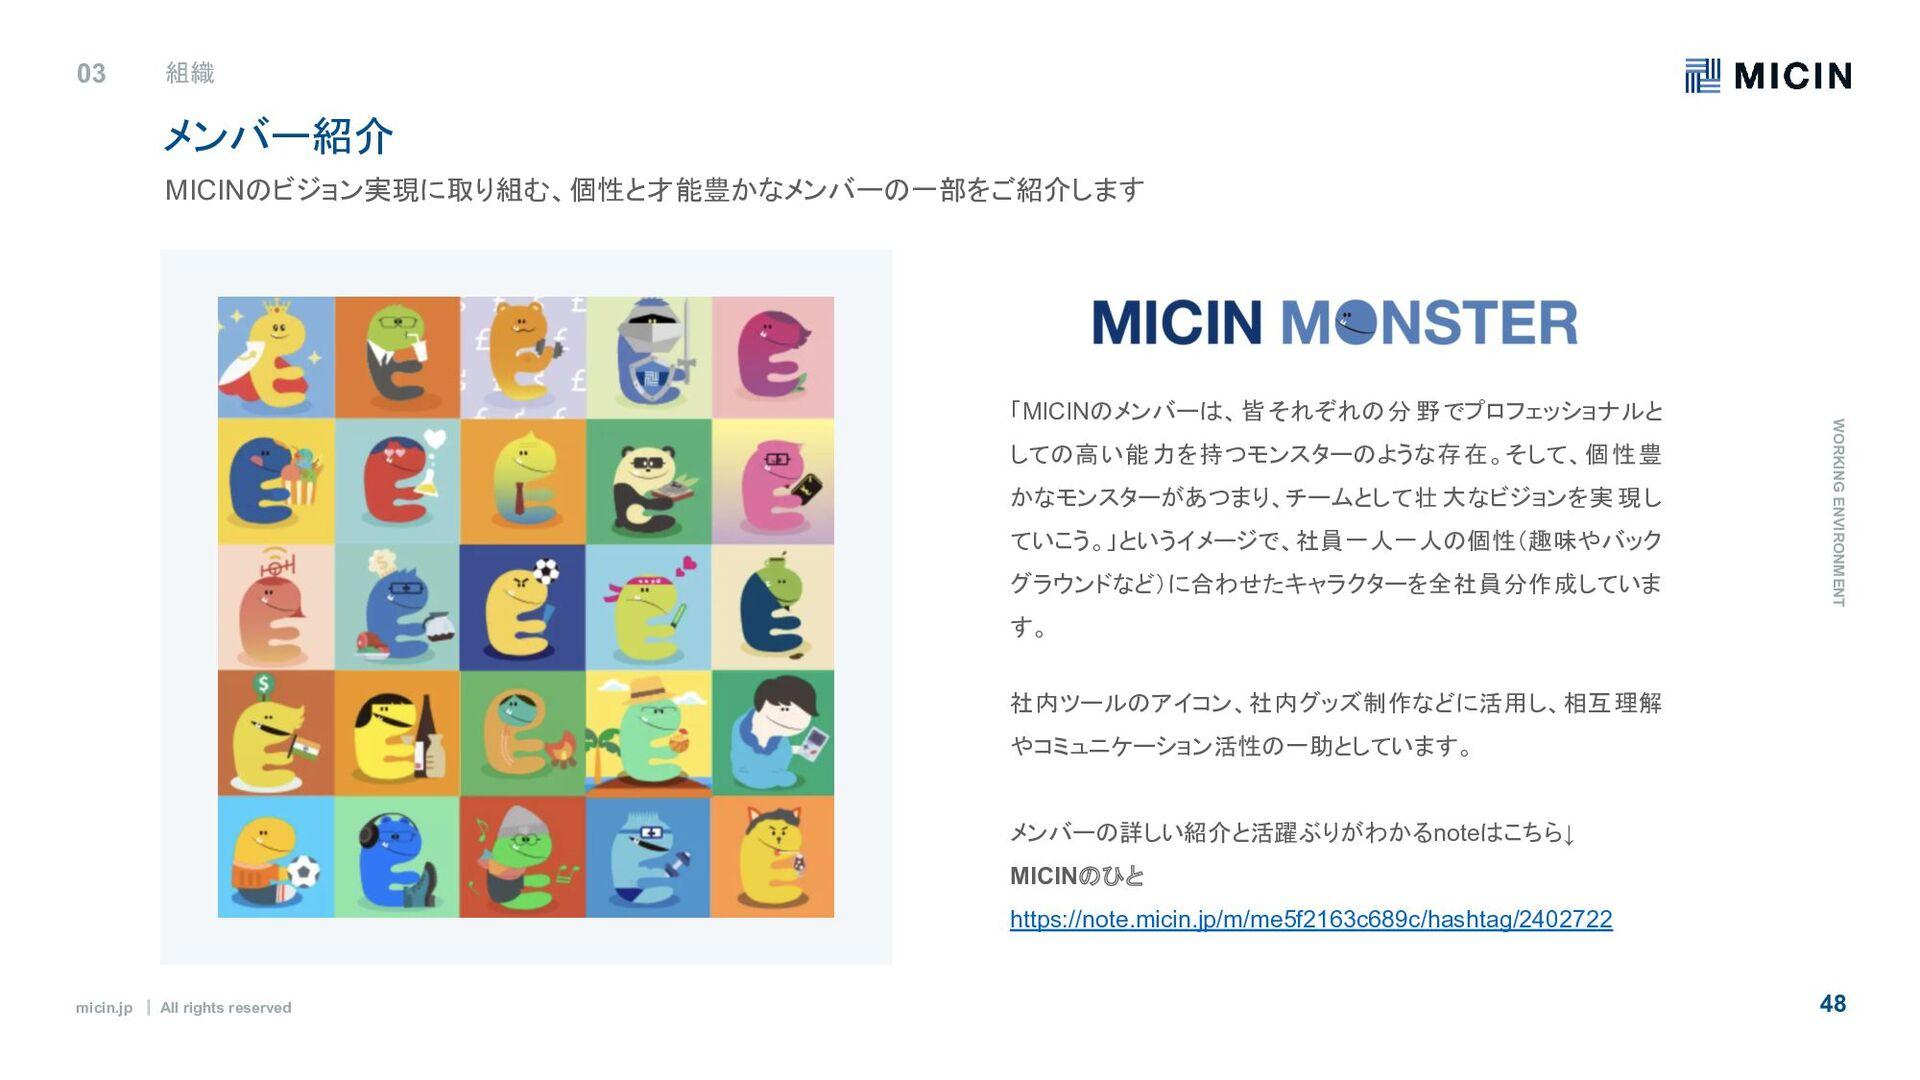 micin.jp ʛ All rights reserved 48 ։ൃڥ ■ ݴޠ ɾRu...